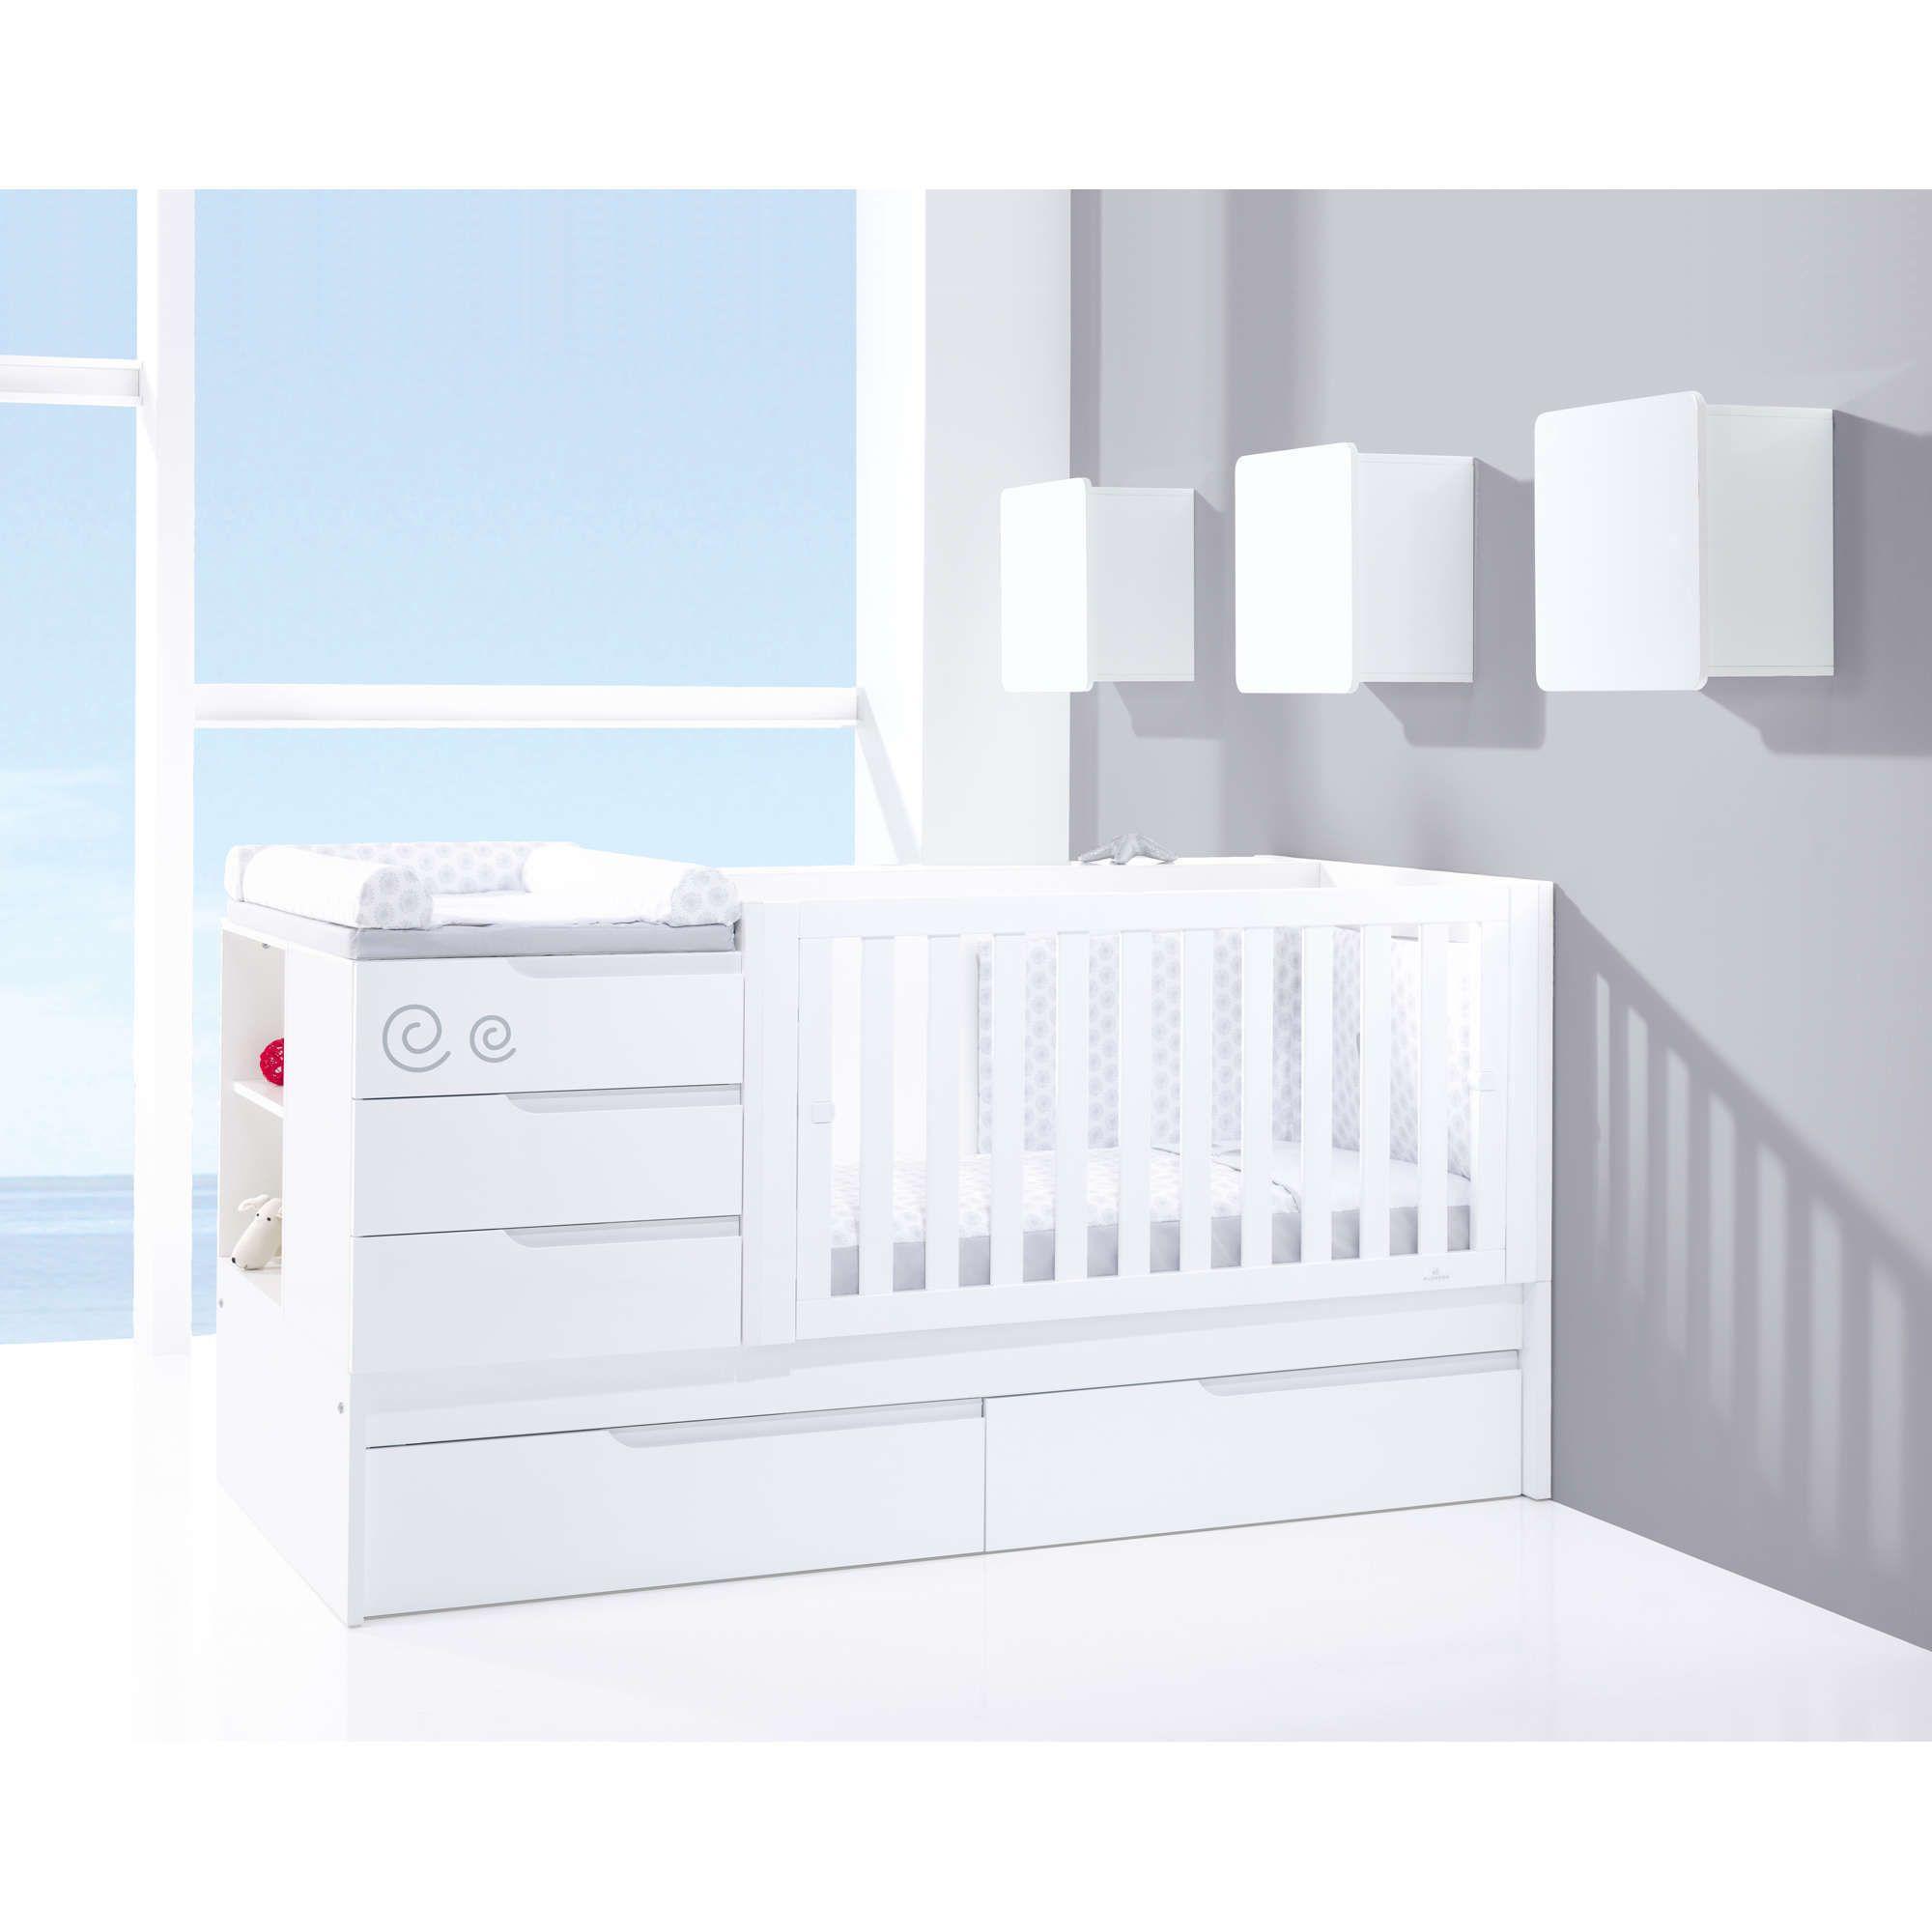 Cunas convertibles modernas y de diseño para bebés en color blanco ...